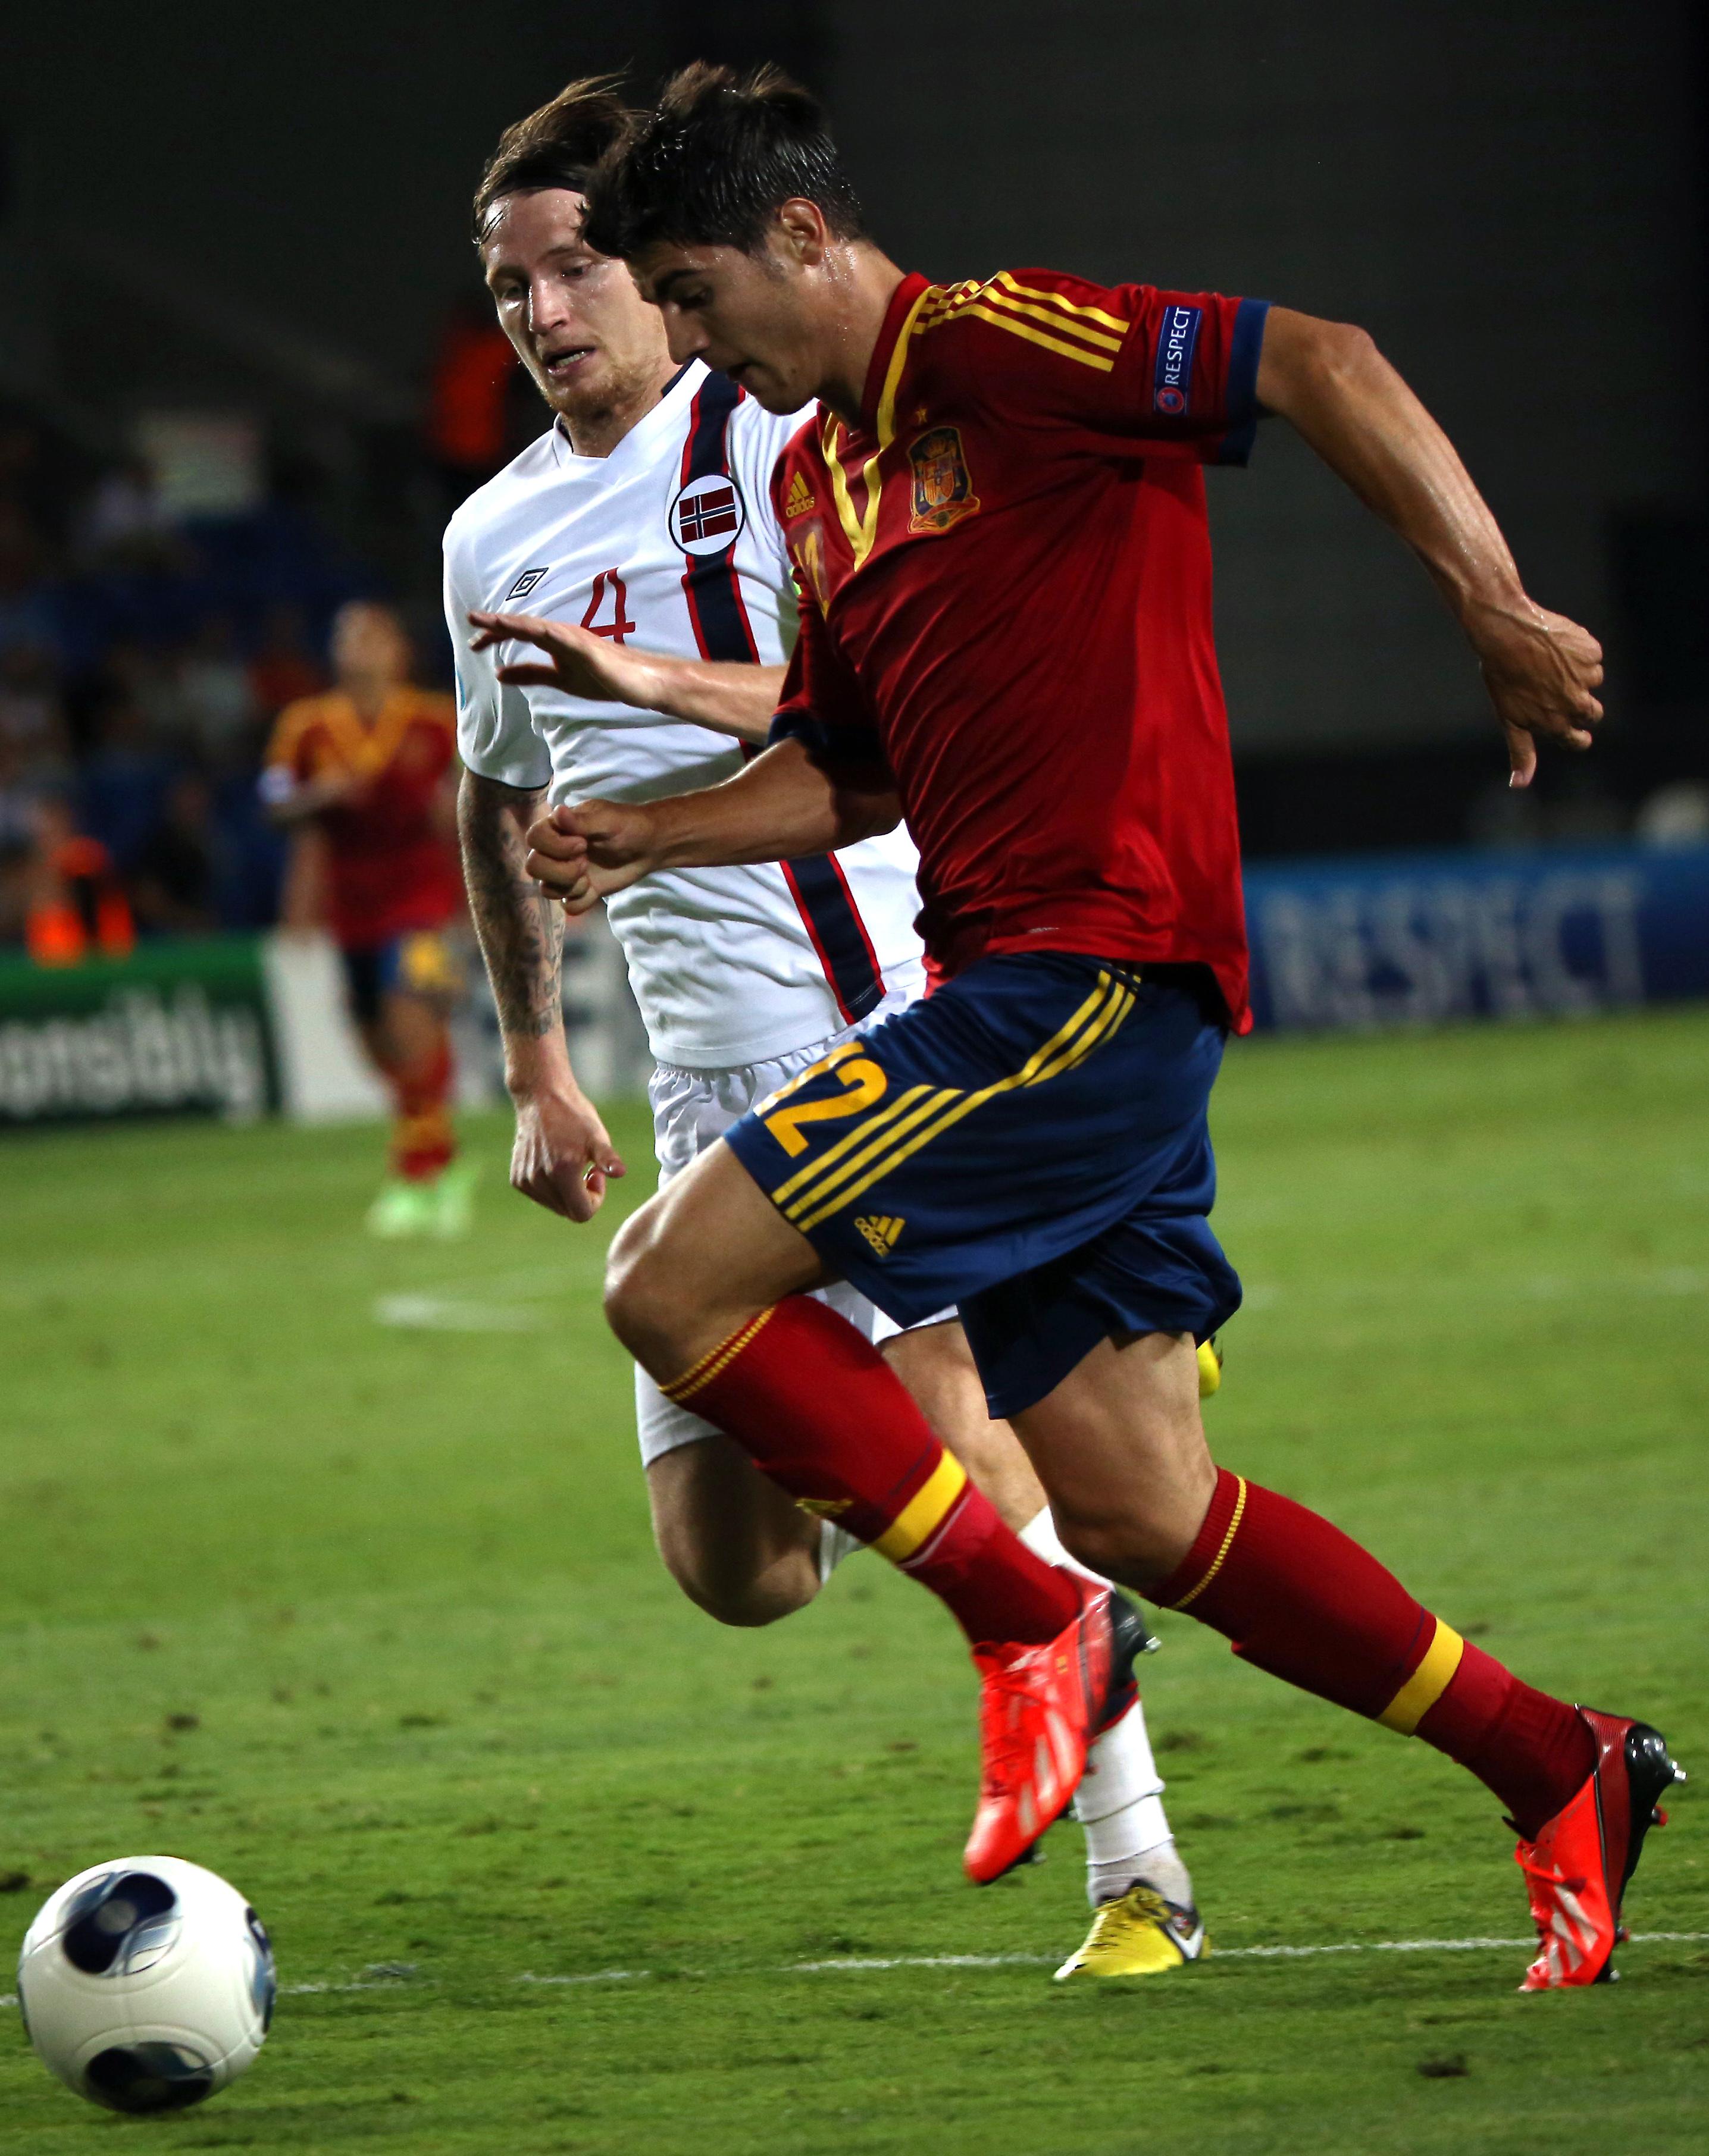 España es el campeón de Europa en todas las categorías: Absoluta, Sub 21 y Sub 19